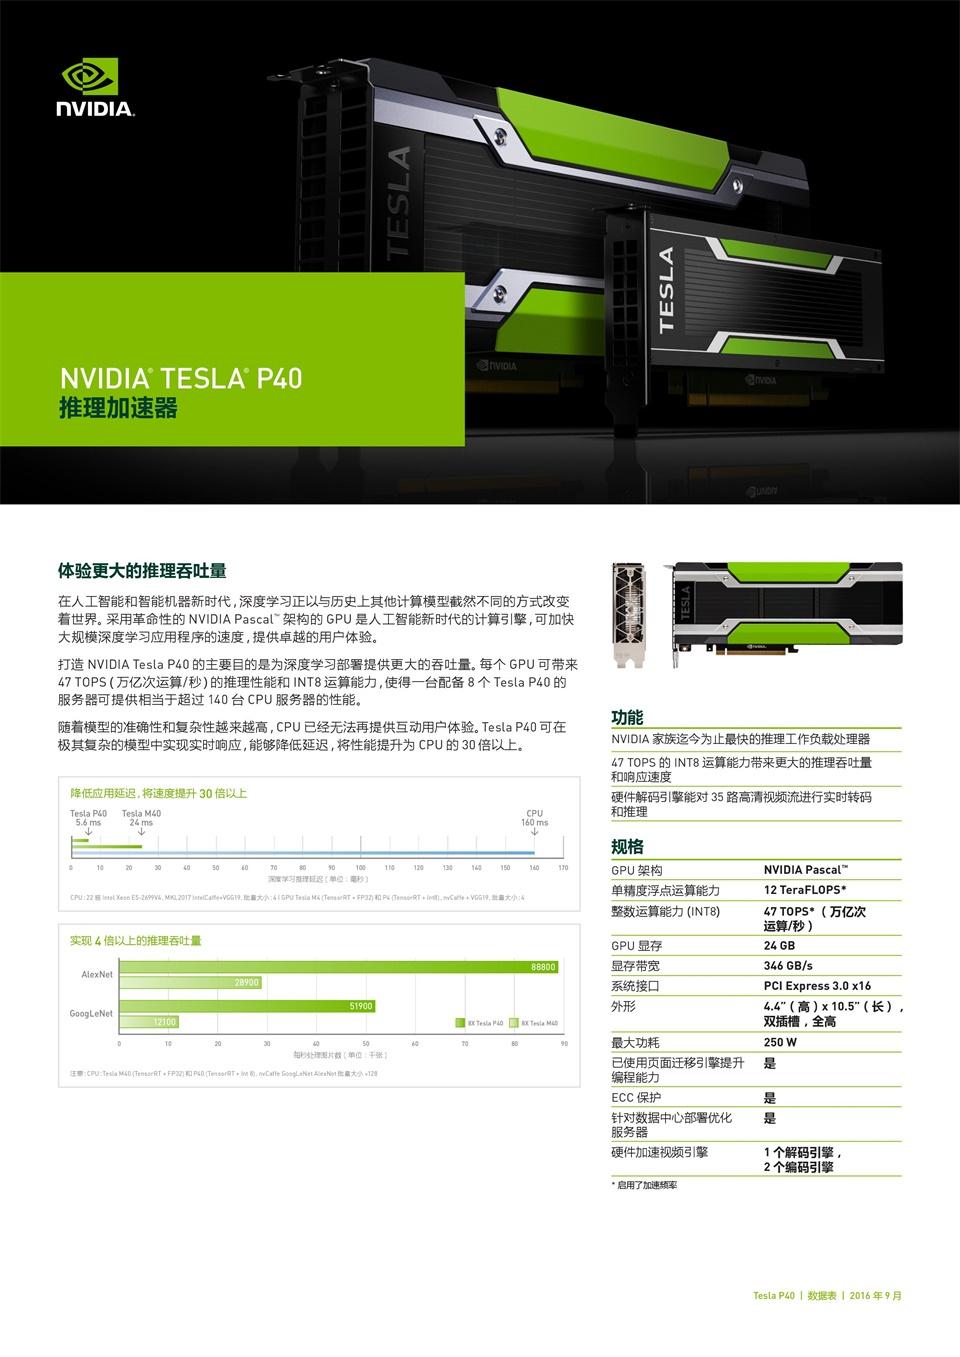 英伟达 P40 TESLA  24GB GDDR5/CUDA GPU加速HPC超算显卡